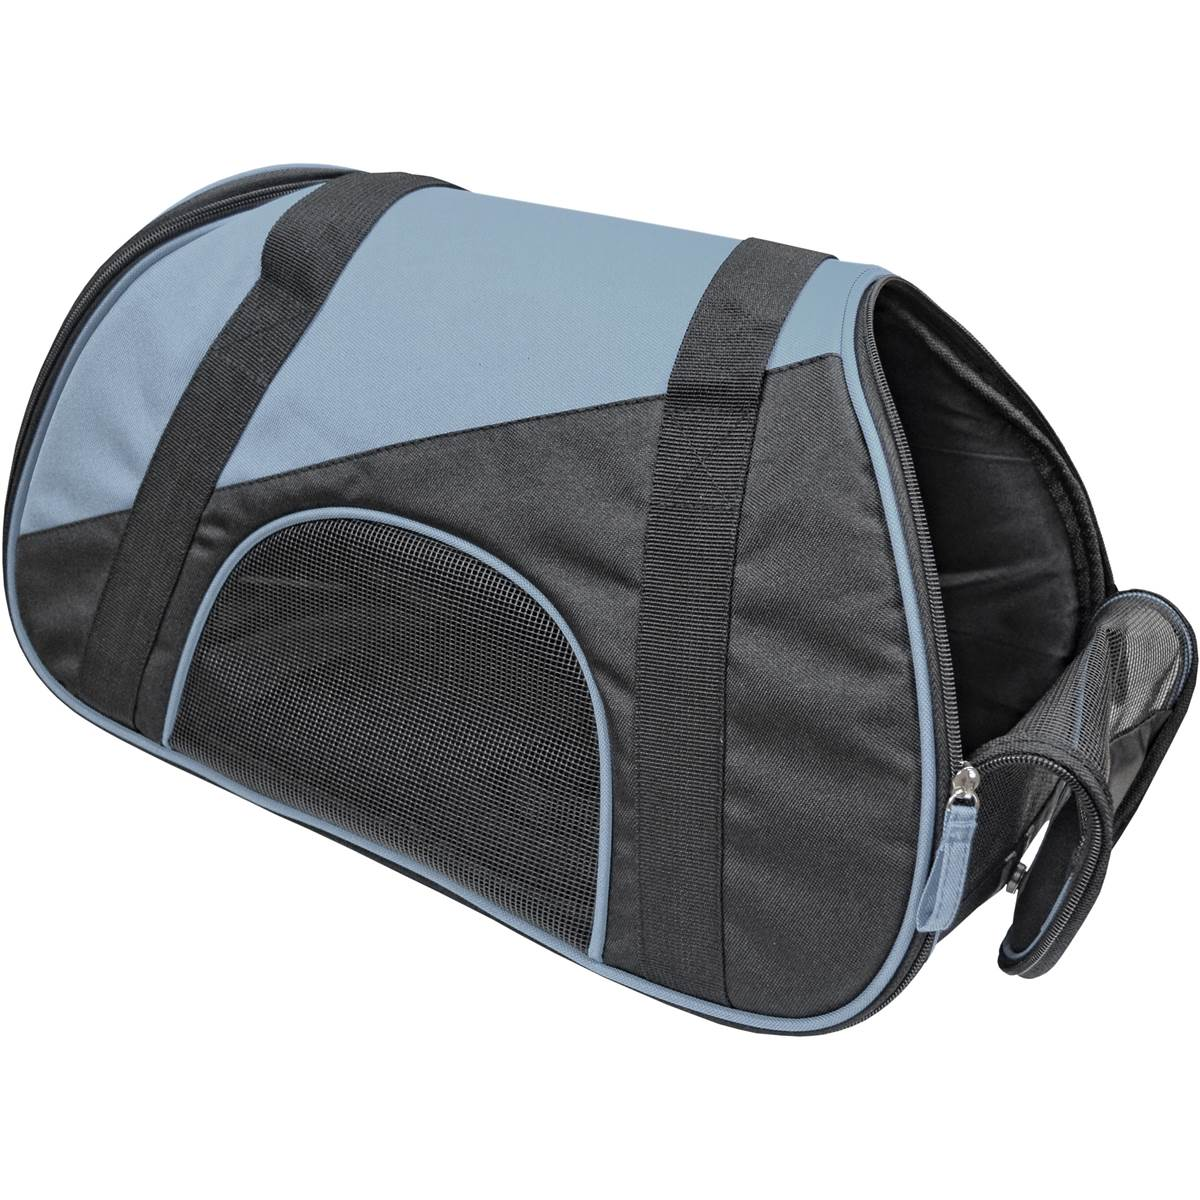 sac de transport pour chat chien gris et noir. Black Bedroom Furniture Sets. Home Design Ideas